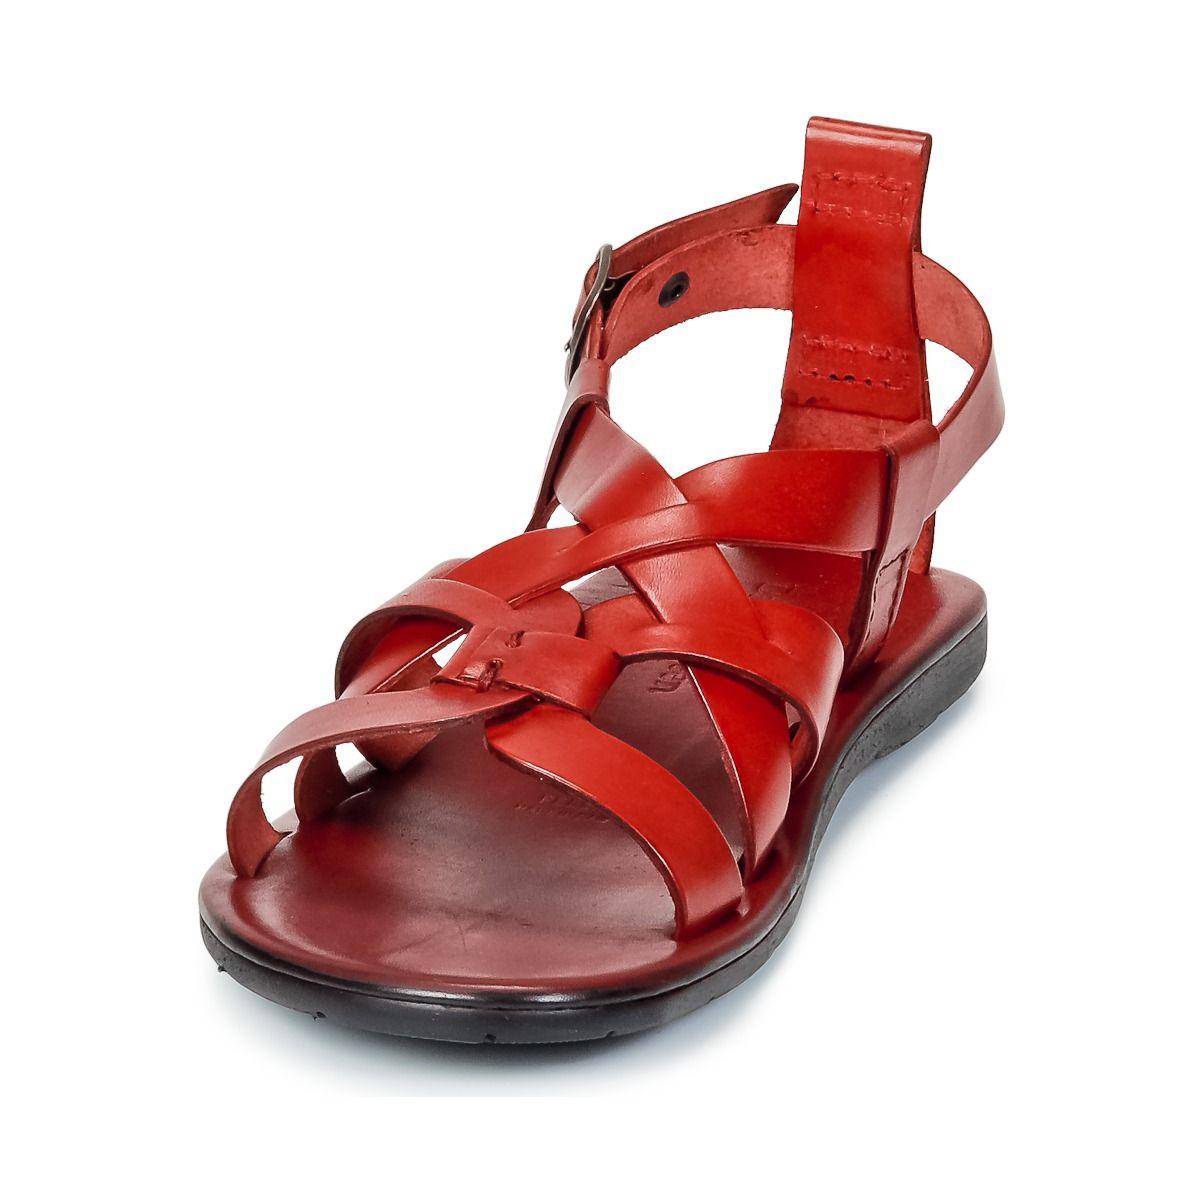 c602c382 Sandalias Dream in Green QUESELLE Rojo - Envío gratis en Spartoo.es ! -  Zapatos Hombre 70,00 €